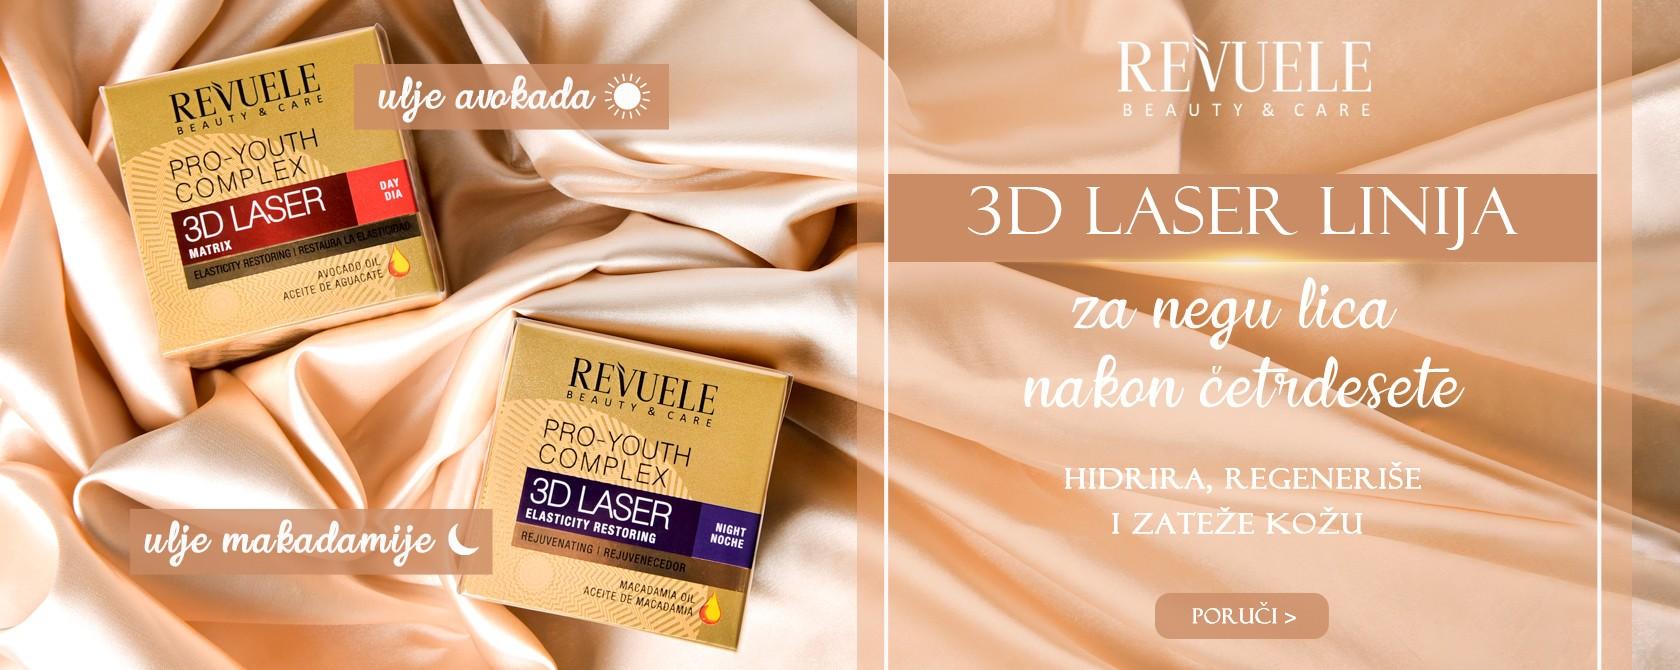 Revuele 3d laser kreme